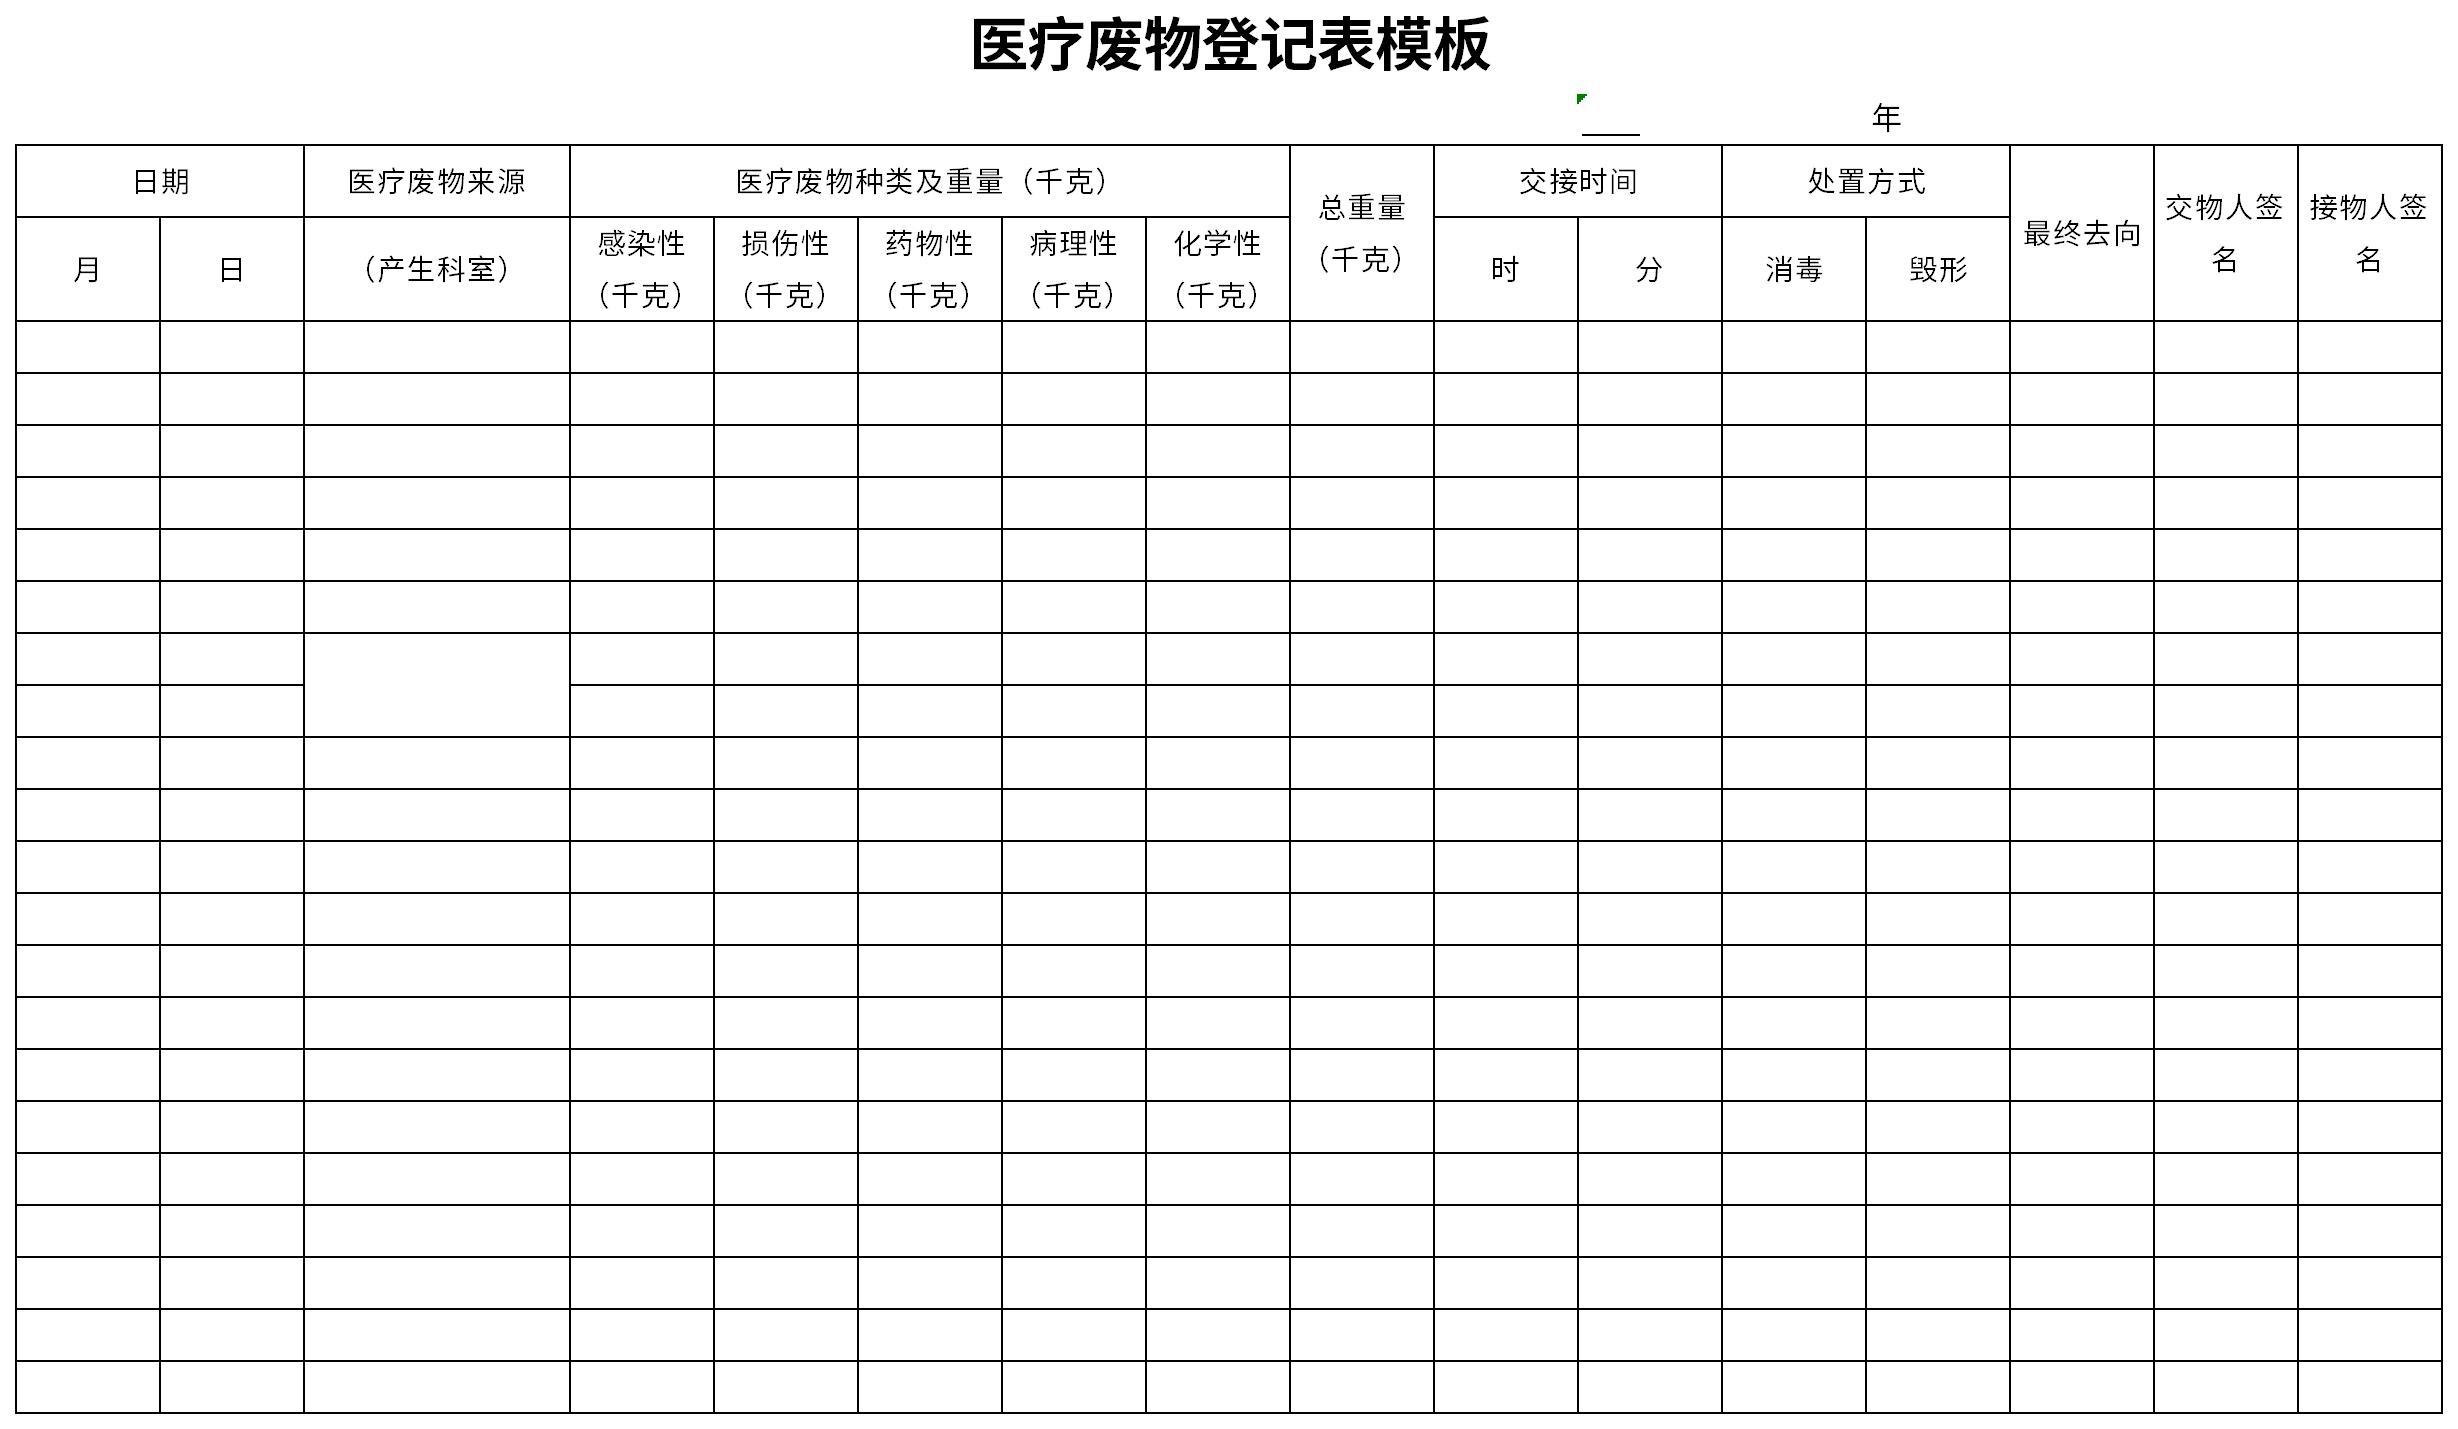 医疗废物登记表模板截图